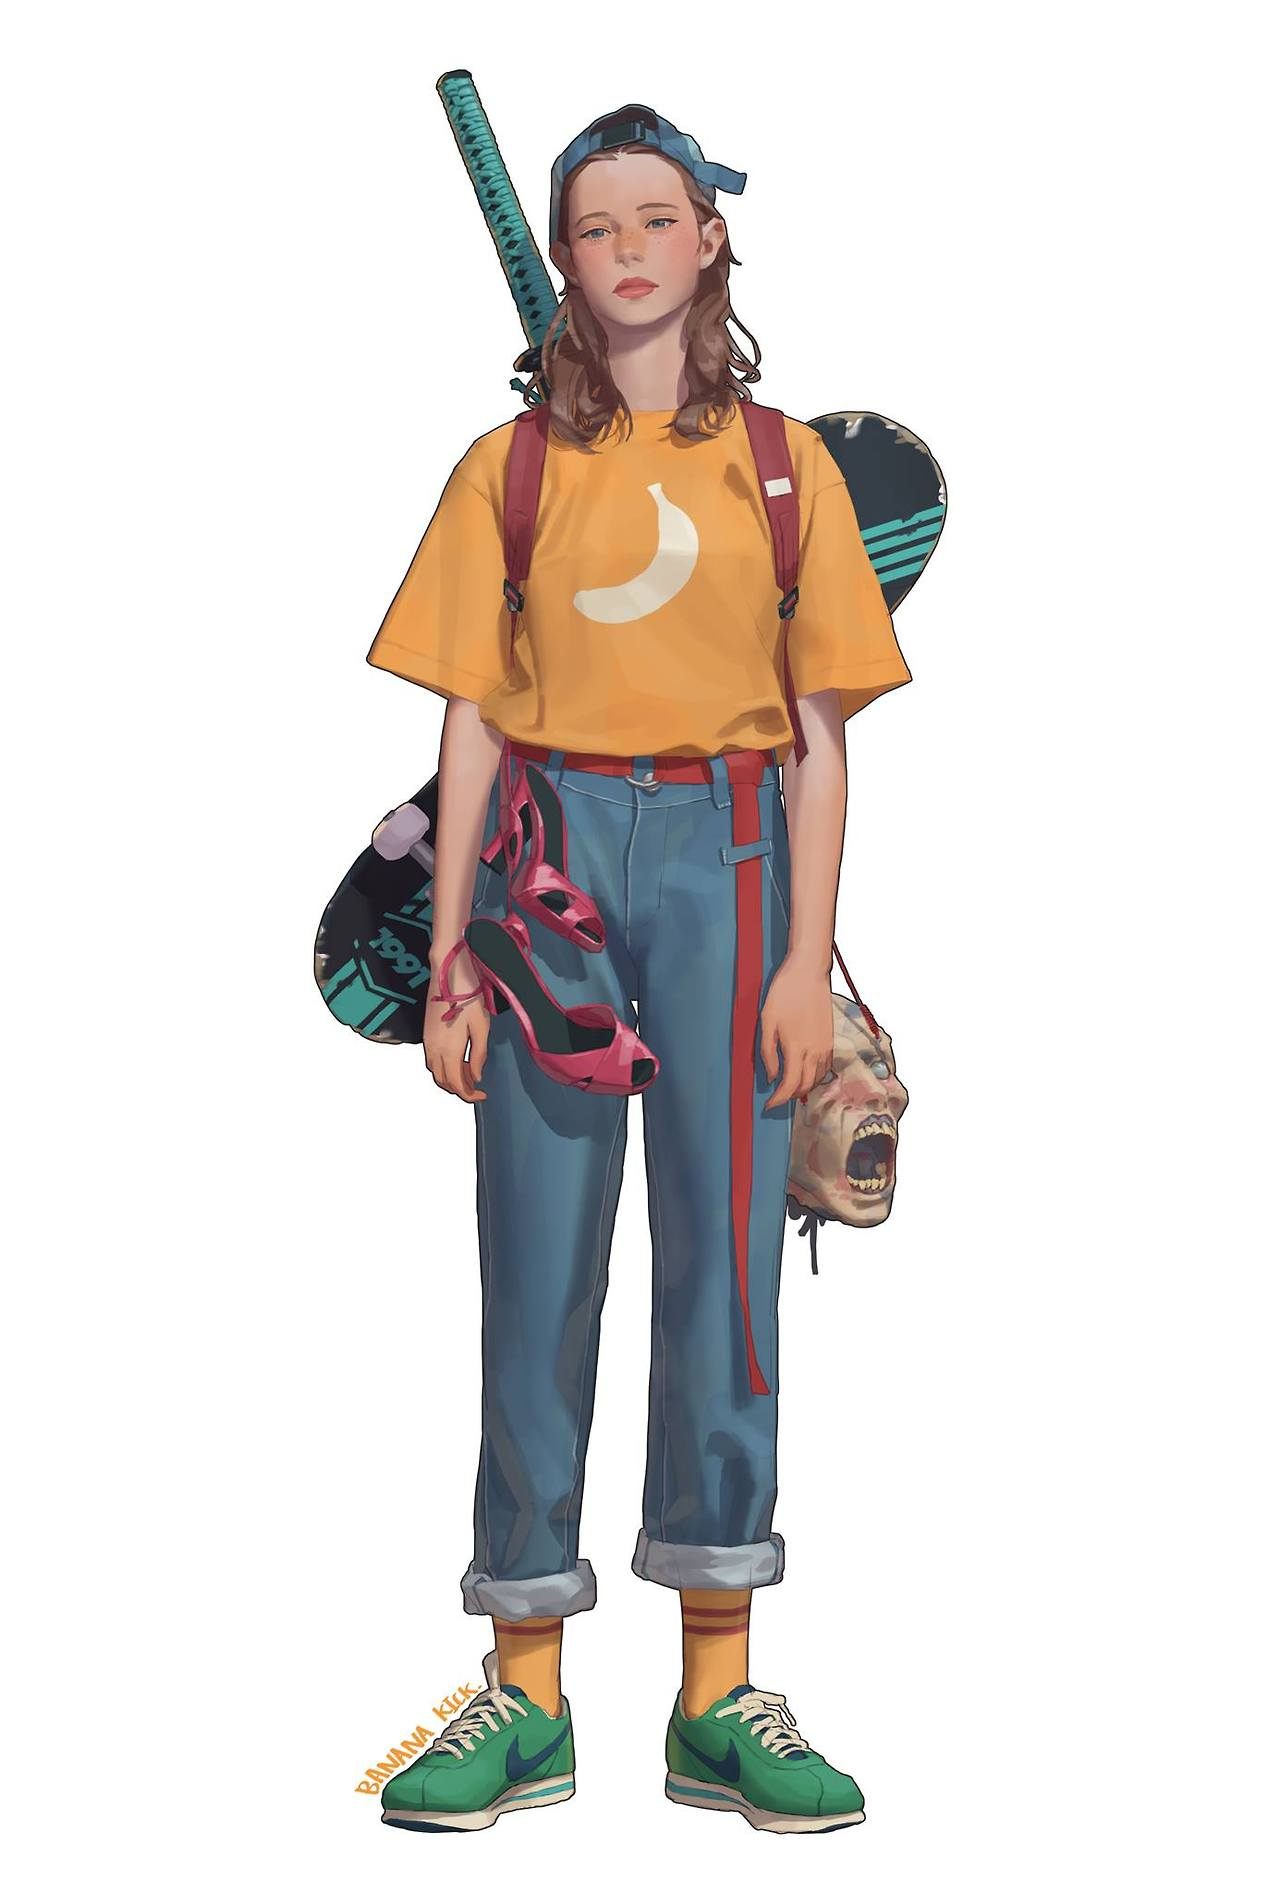 Pingl par nathan ota o sur character design en 2019 art de mod les dessin personnage et dessin - Modele dessin personnage ...